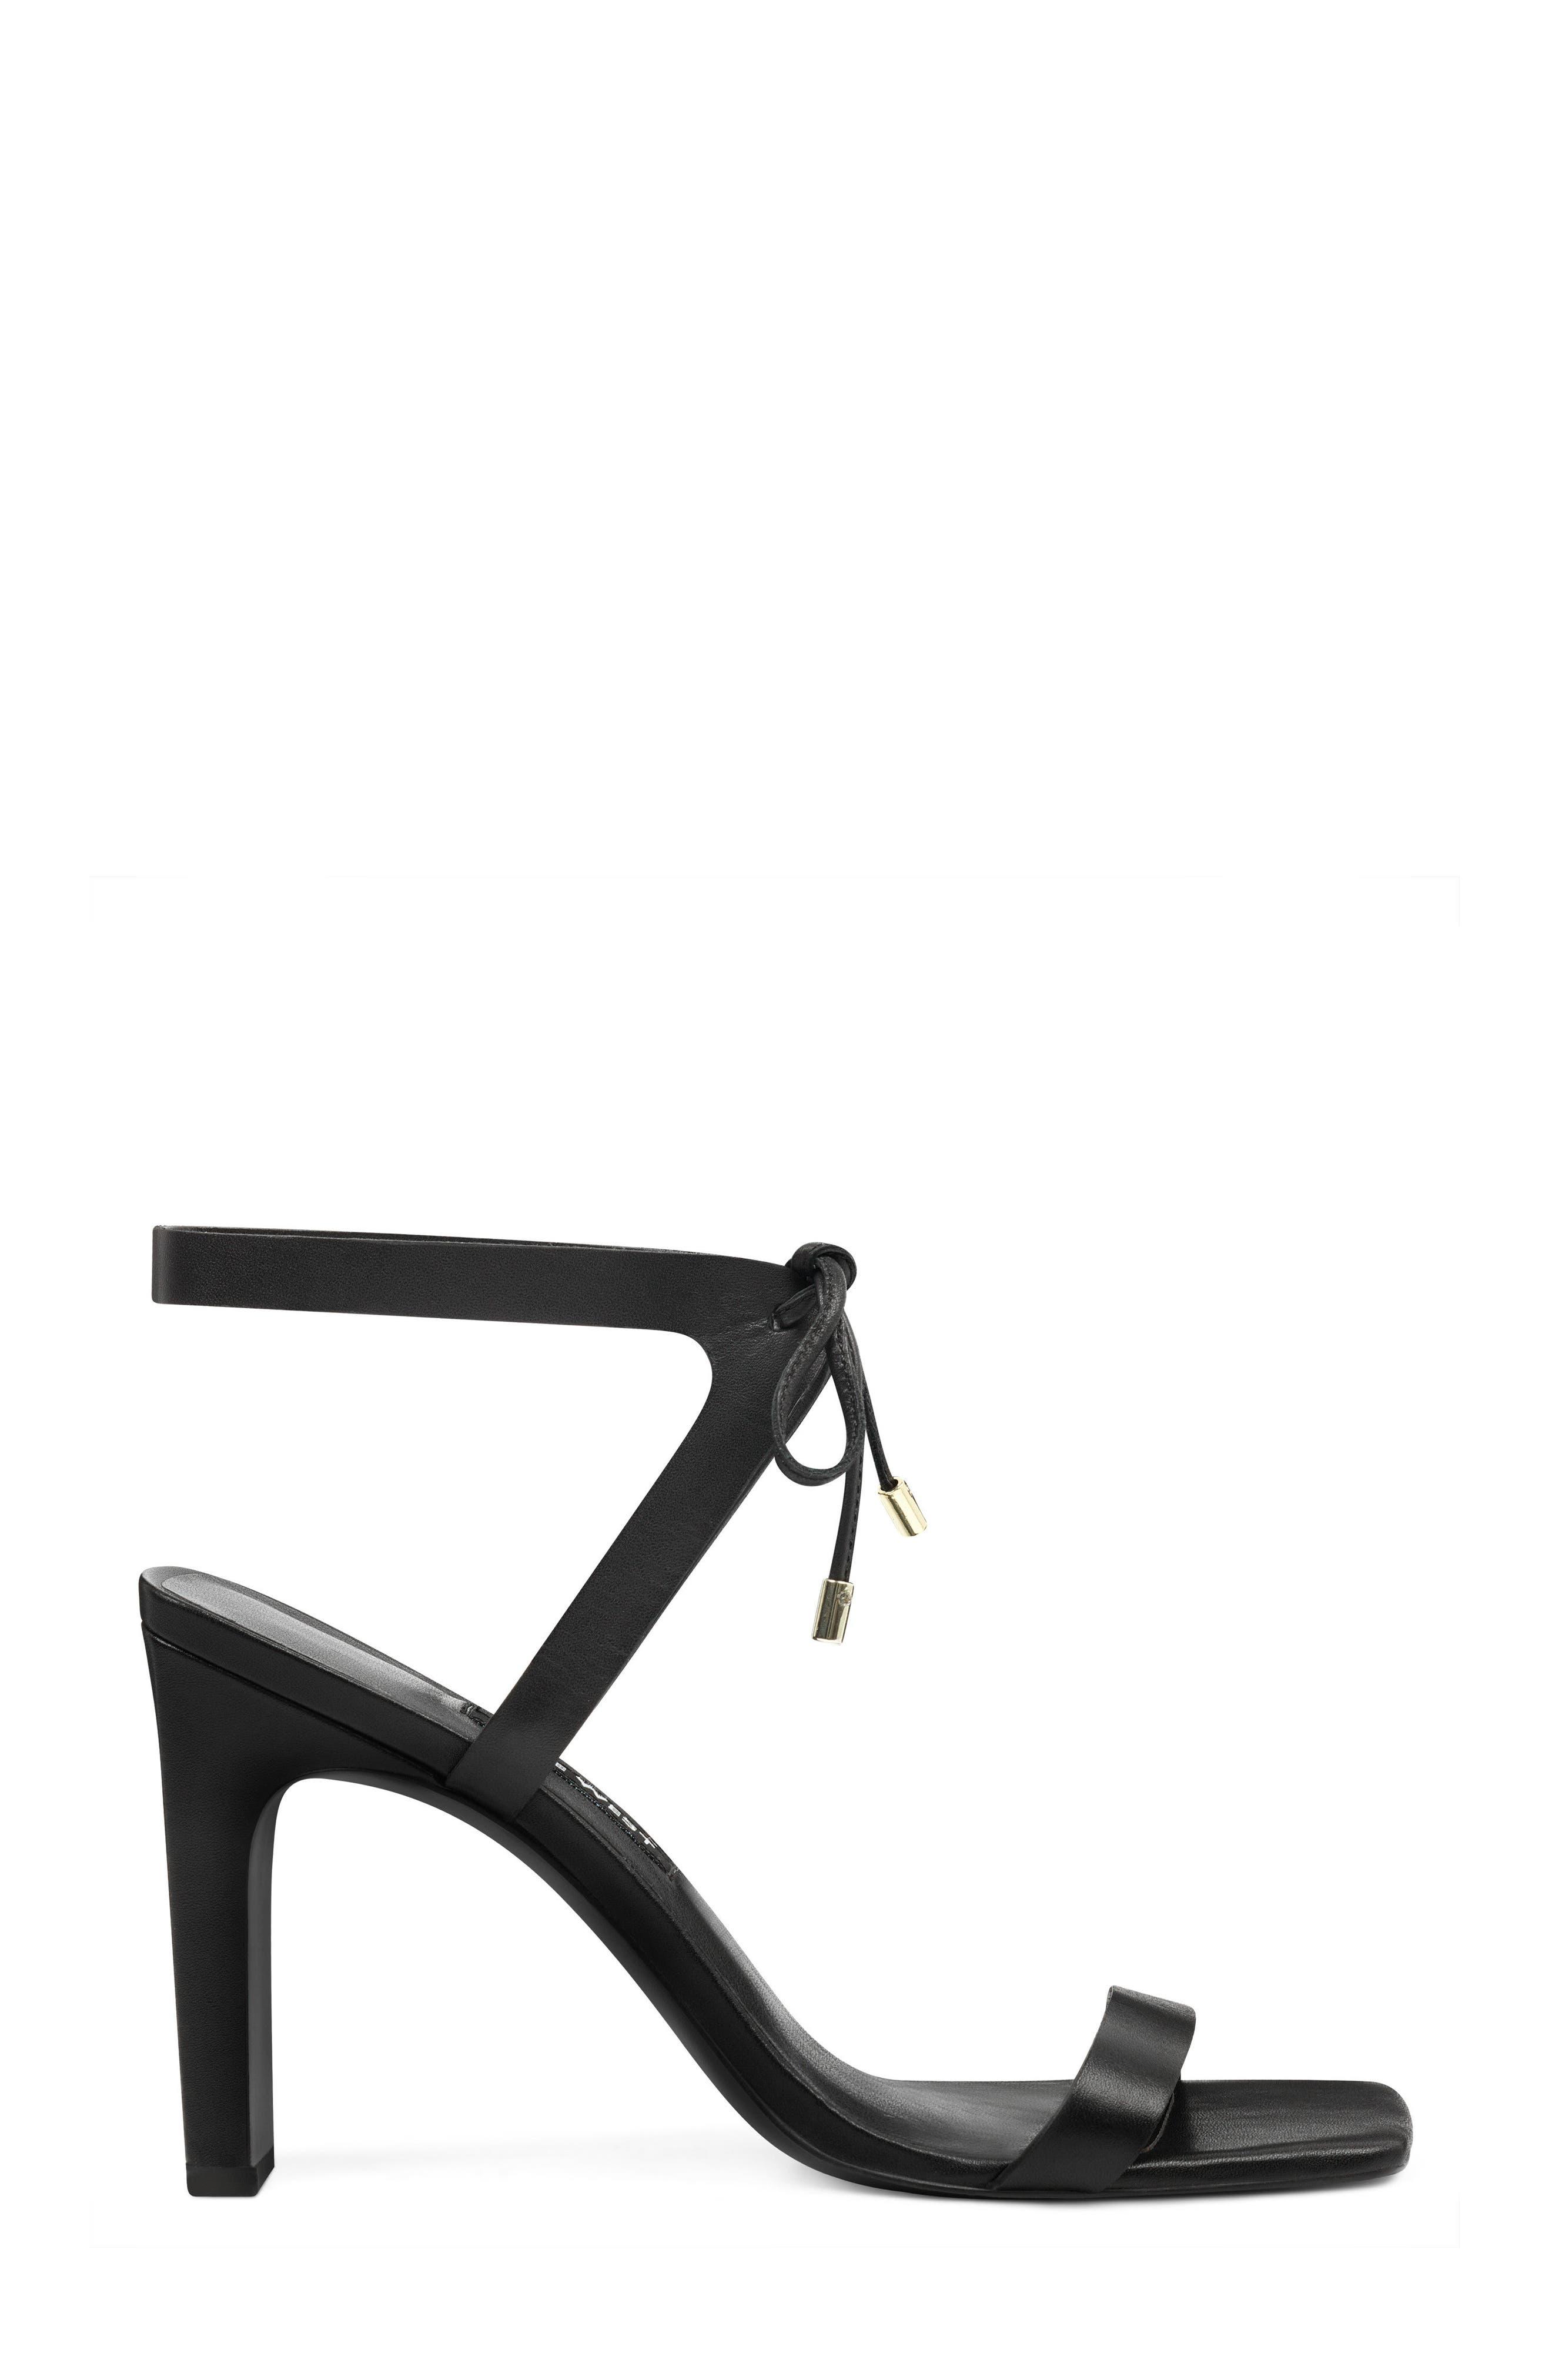 Longitano Squared Toe Sandal,                             Alternate thumbnail 3, color,                             BLACK LEATHER